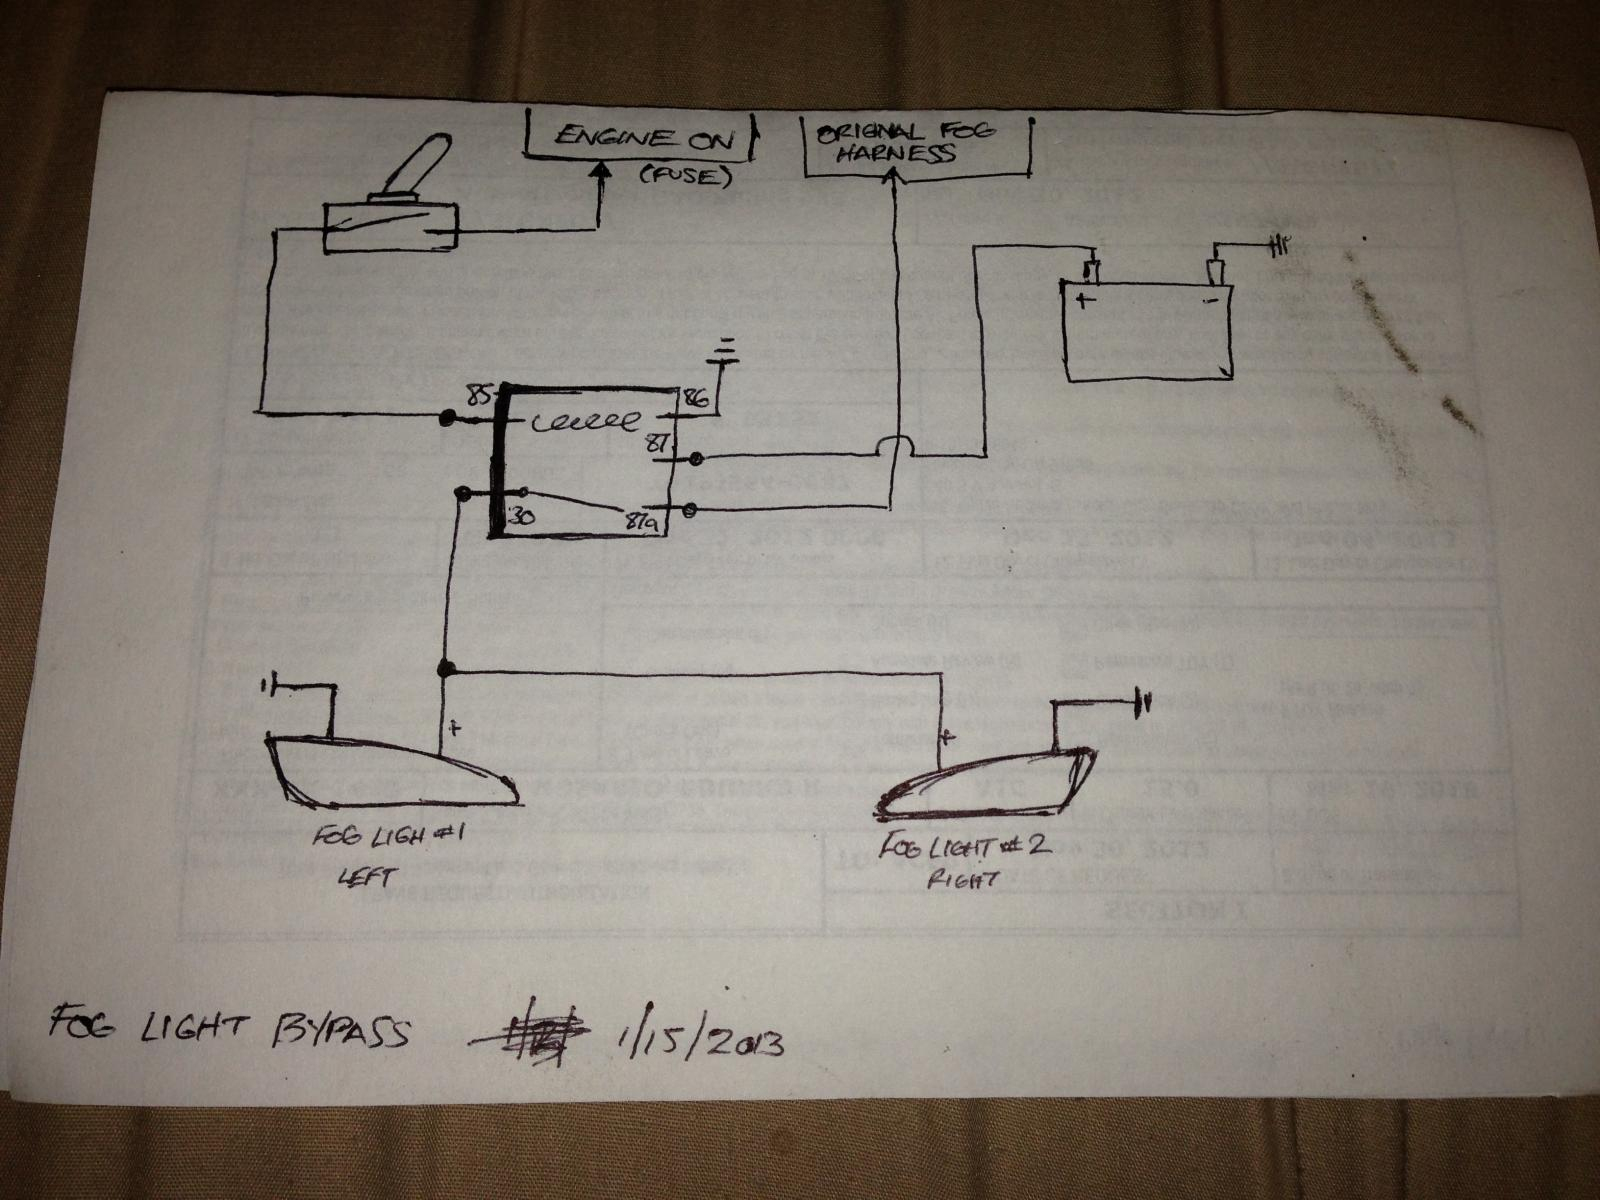 Car Headlight Wiring Diagram - Go Wiring Diagram - Headlight Wiring Diagram